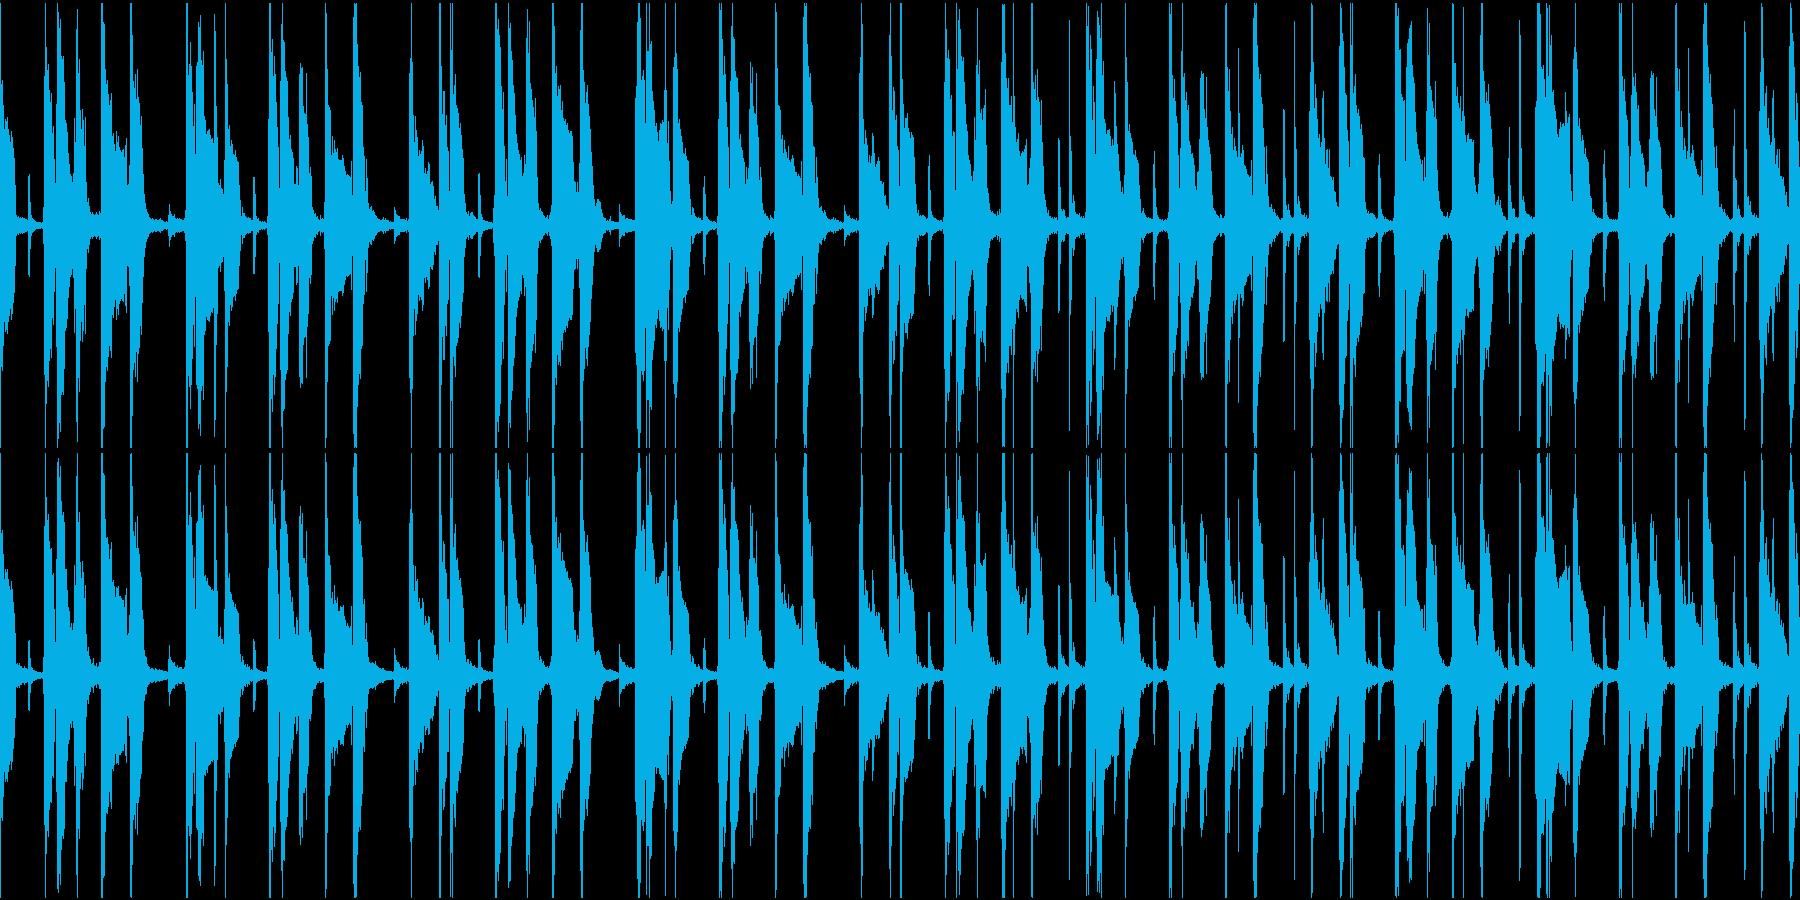 忍び寄るようなコミカルで怪しい曲の再生済みの波形